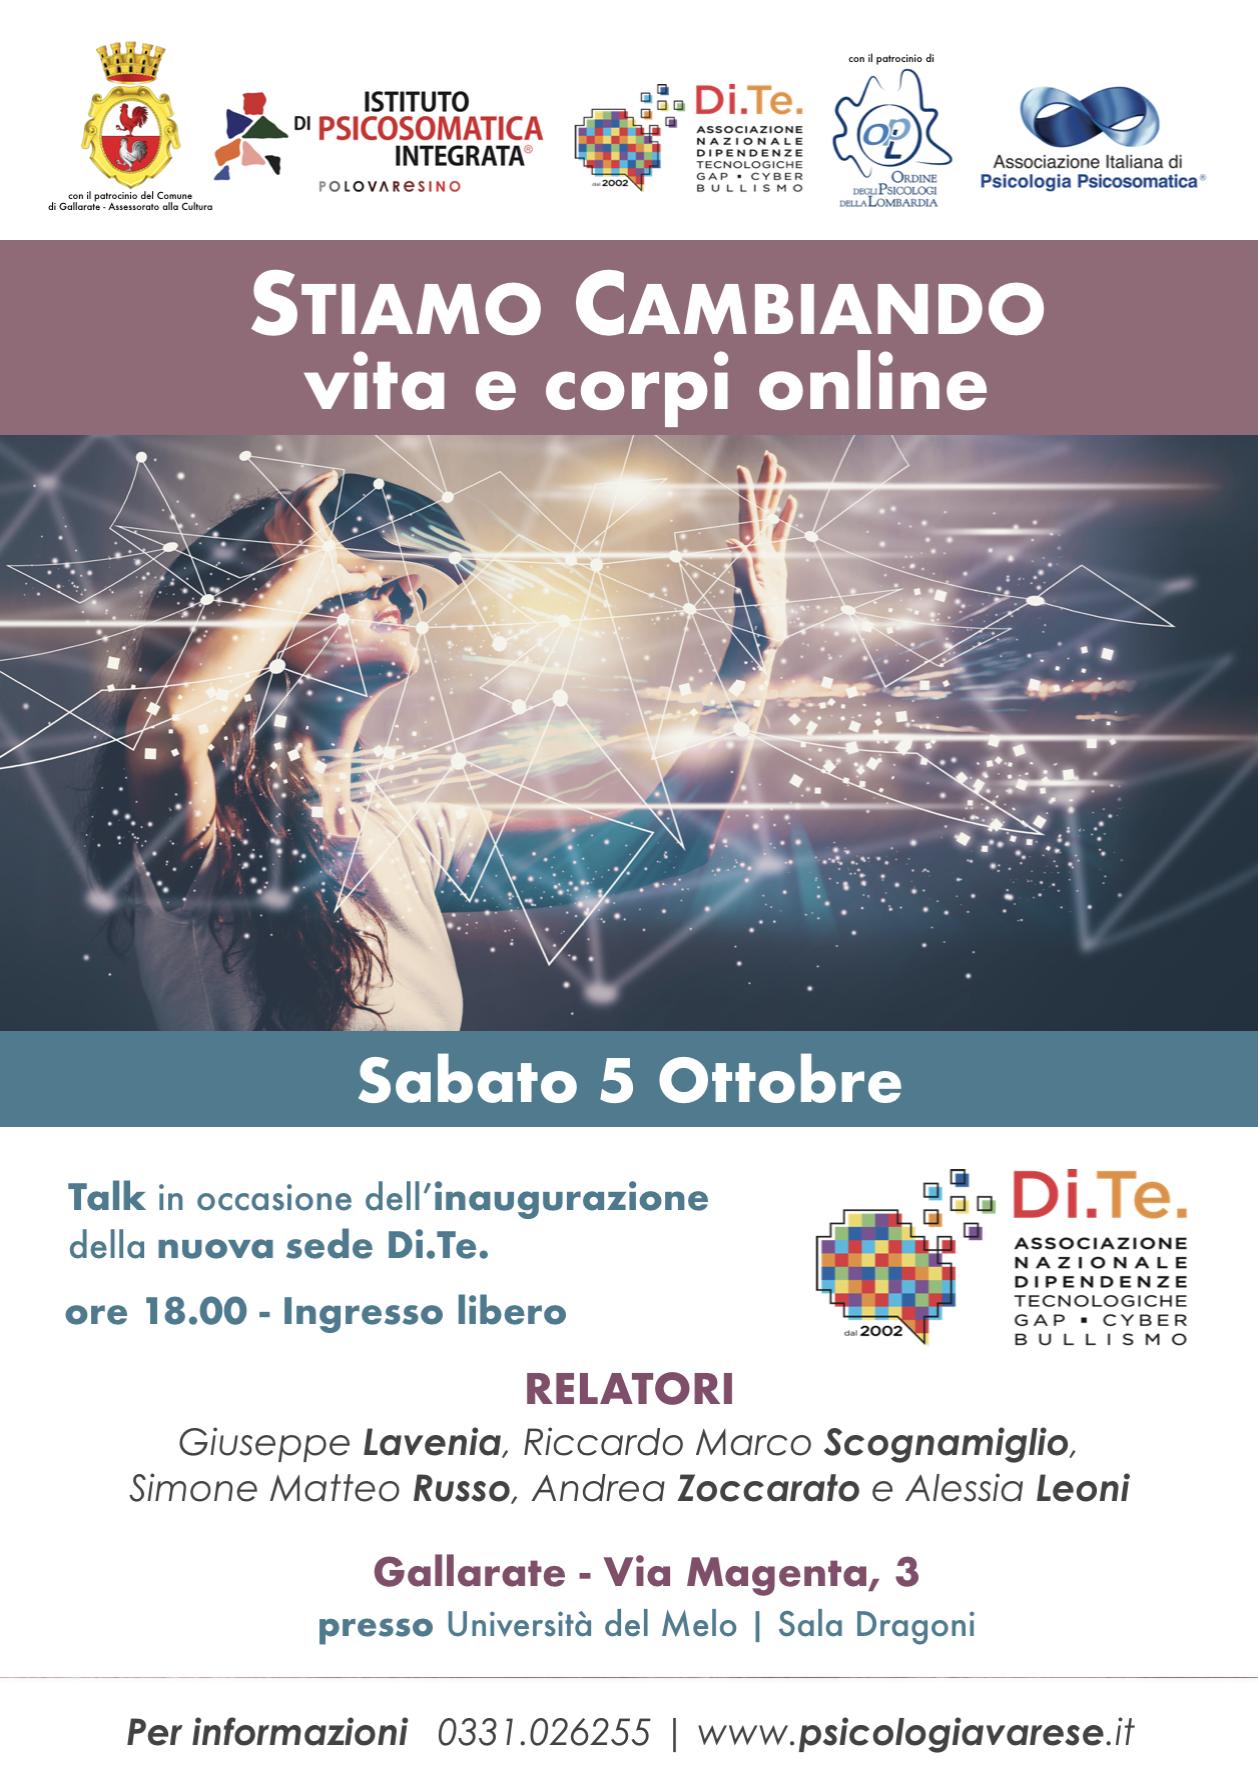 STIAMO CAMBIANDO - inaugurazione DiTe Gallarate